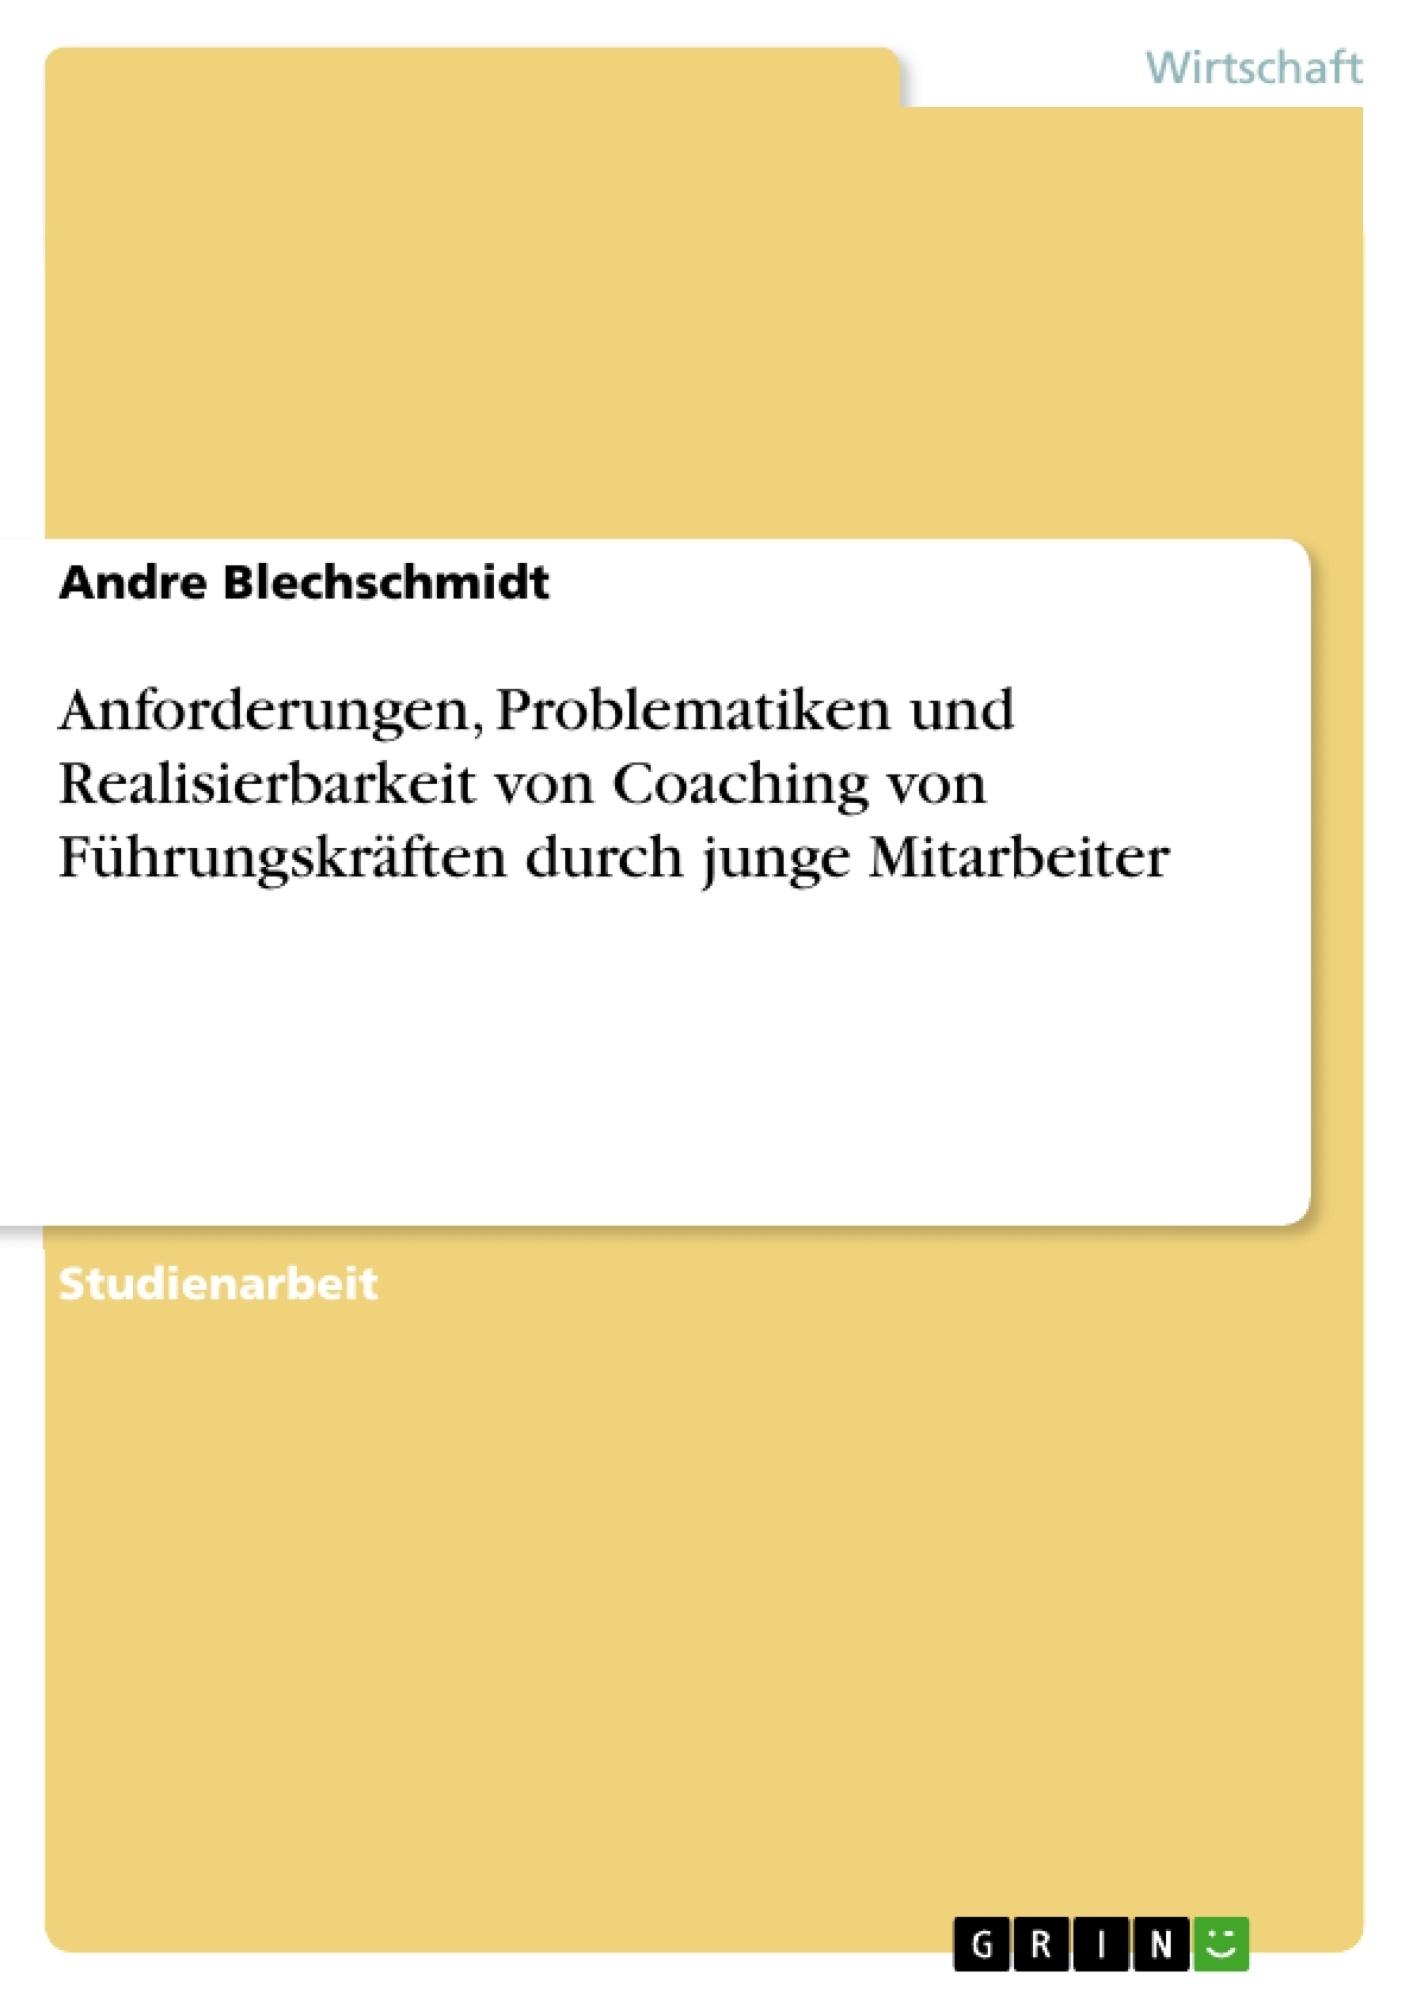 Titel: Anforderungen, Problematiken und Realisierbarkeit von Coaching von Führungskräften durch junge Mitarbeiter